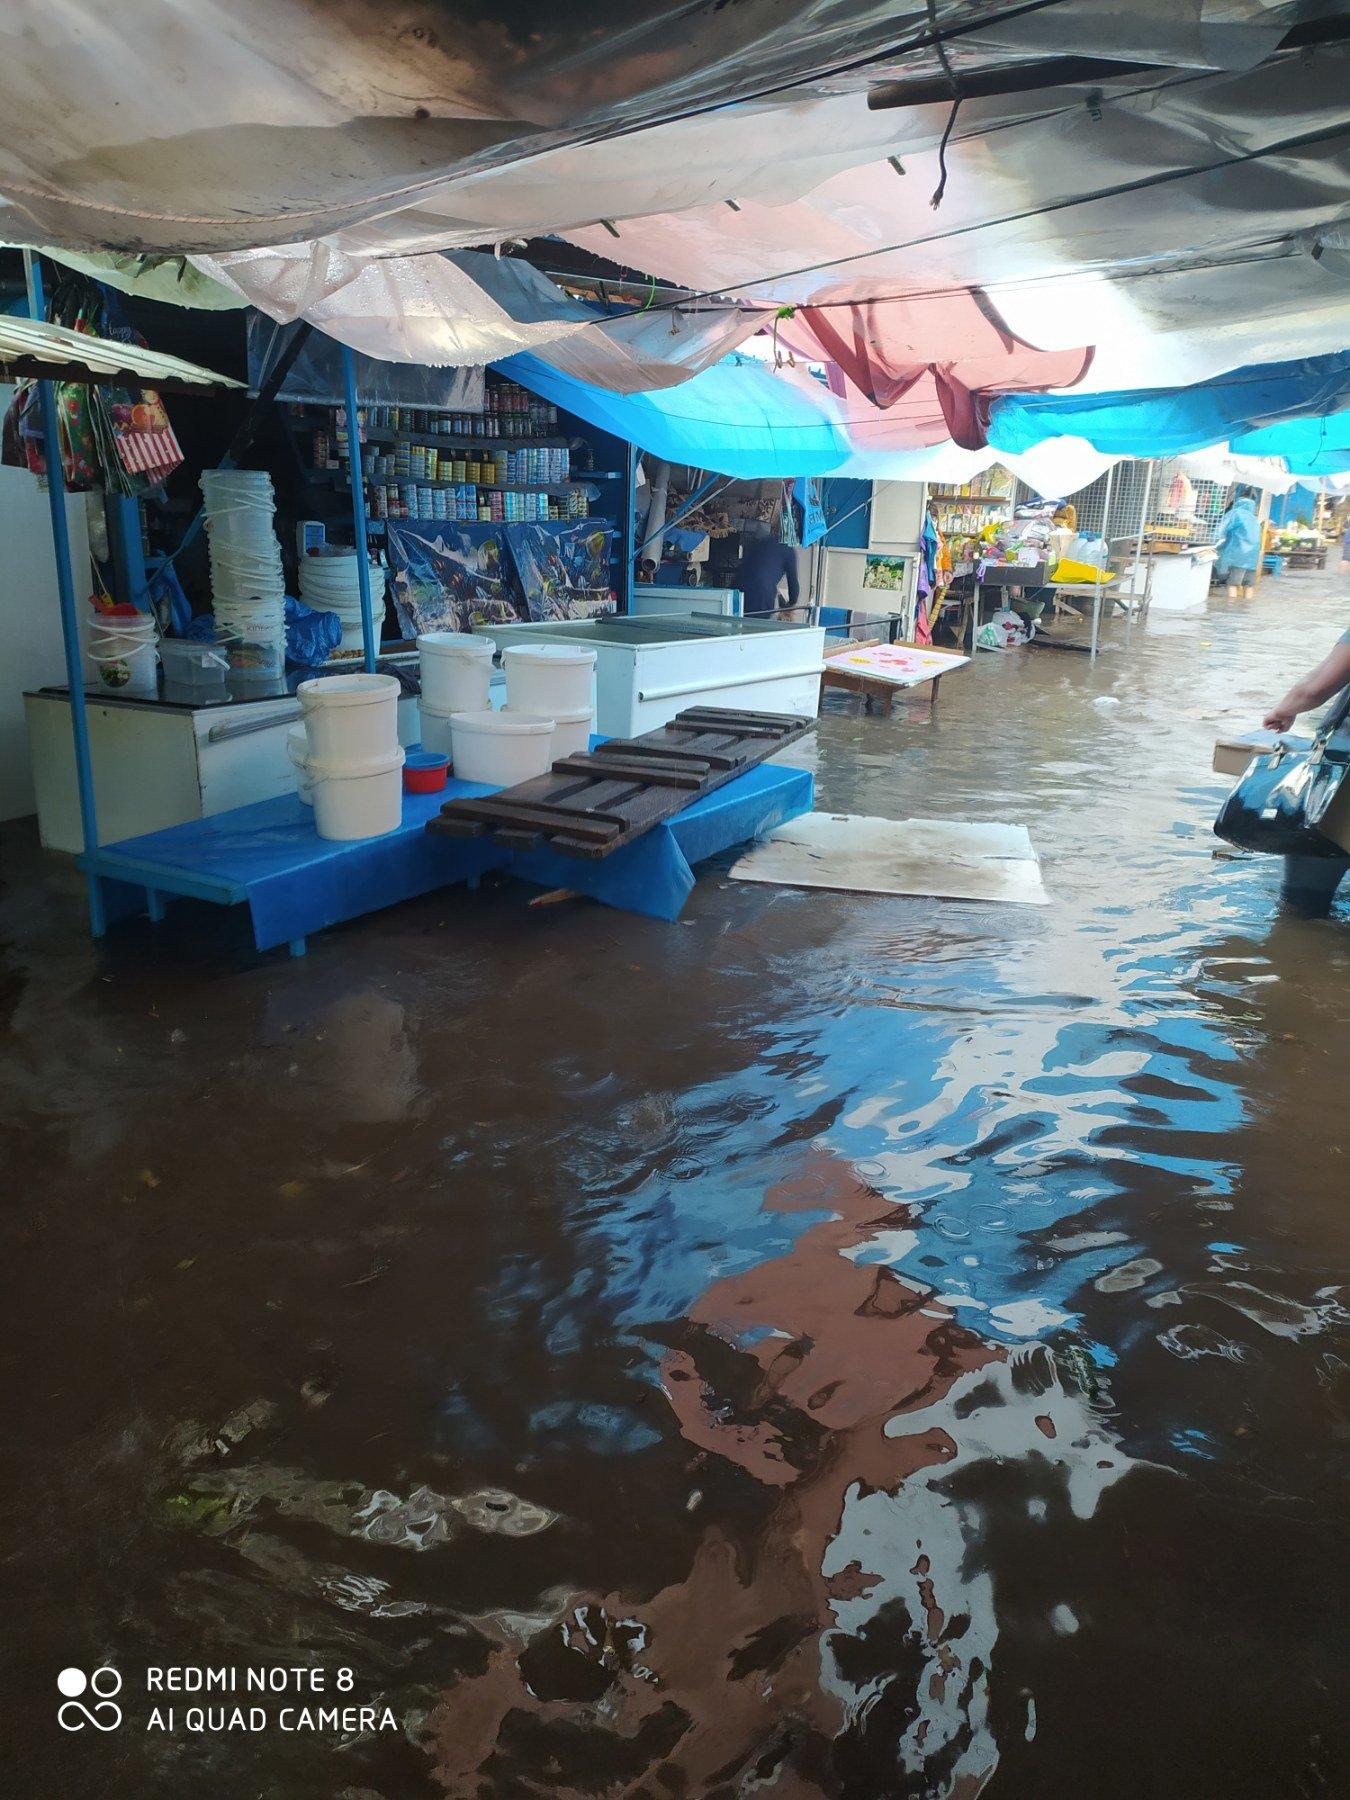 """Чому затоплює ринок у Кам'янці-Подільському?, фото-4, Фото: Вайбер-спільнота """"ЖКГ -ІНФО"""""""